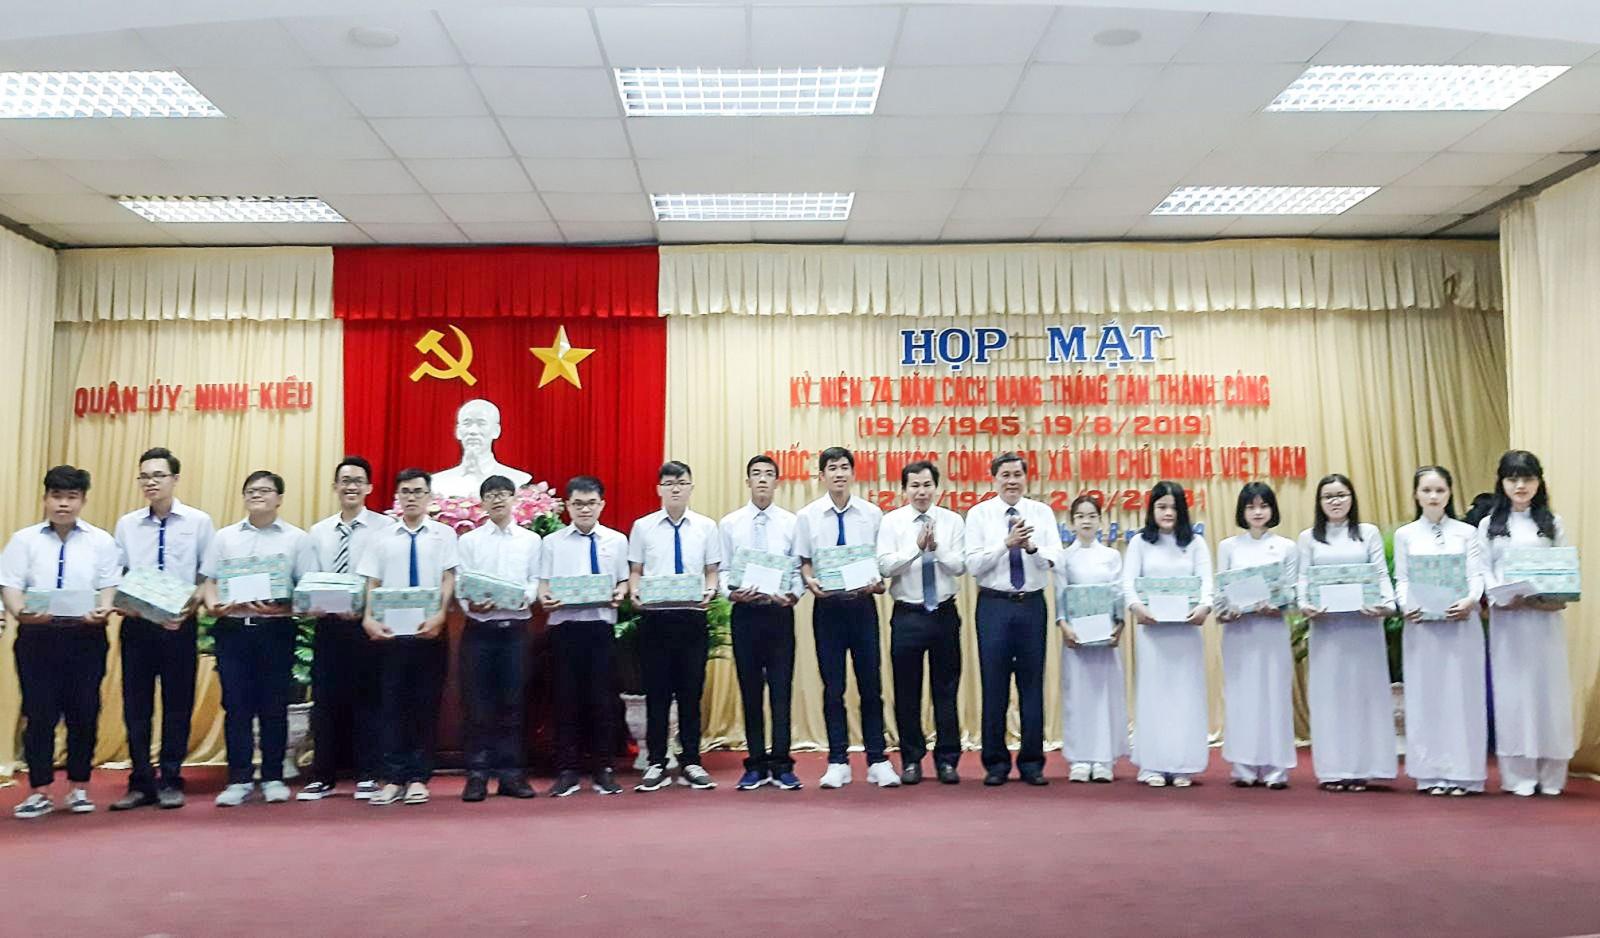 Đồng chí Phạm Văn Hiểu và đồng chí Lê Quang Mạnh trao quà cho các em đậu thủ khoa các trường đại học. Ảnh: Ngọc Quyên